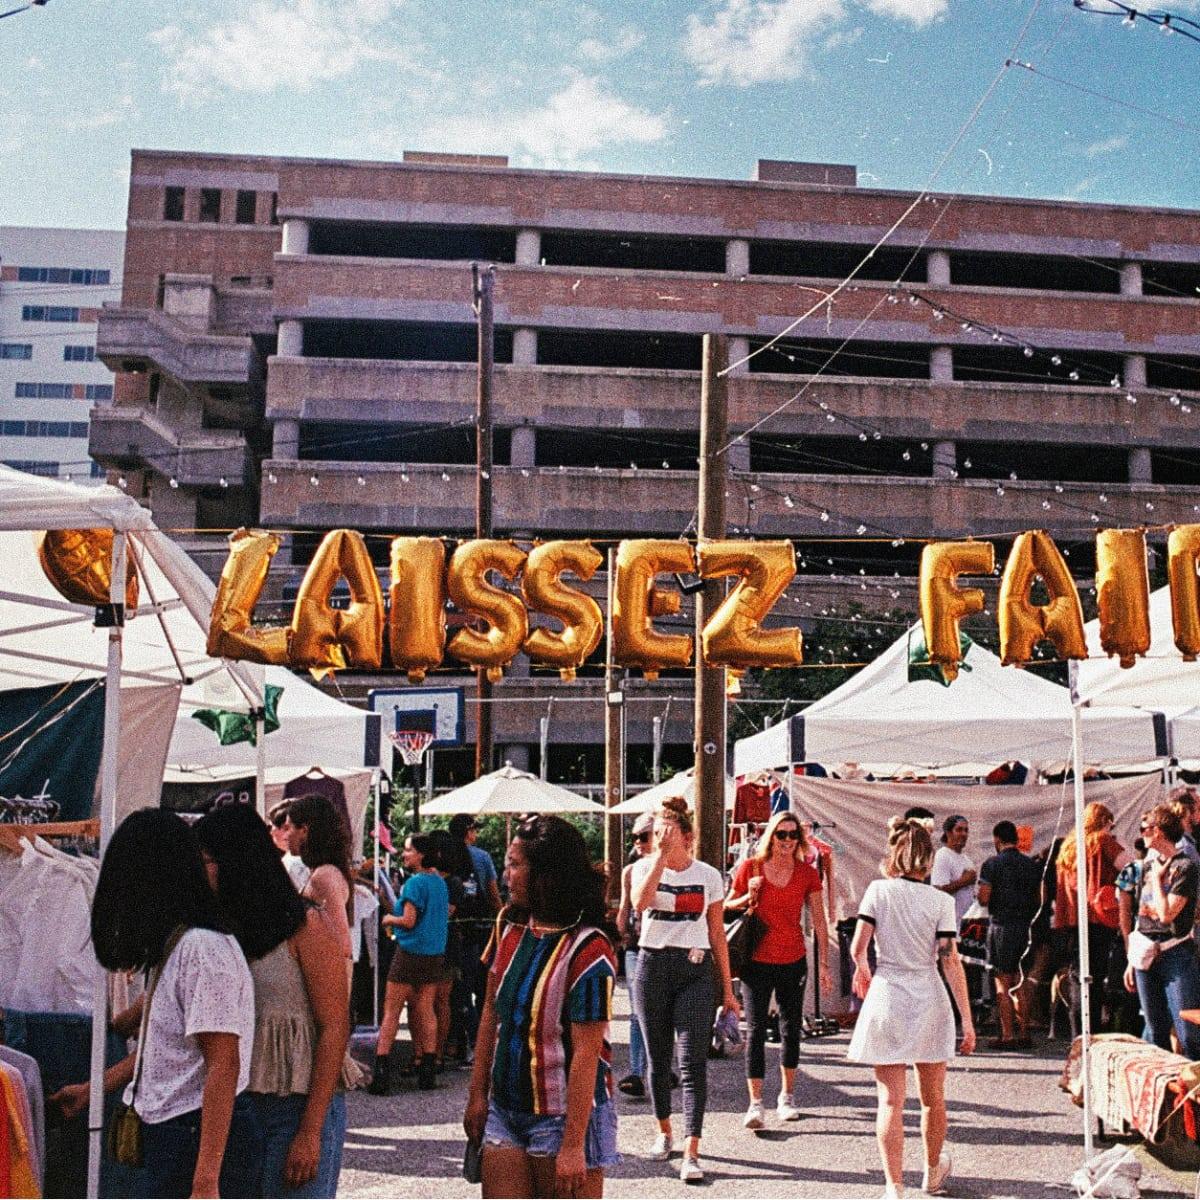 Laissez Fair festival